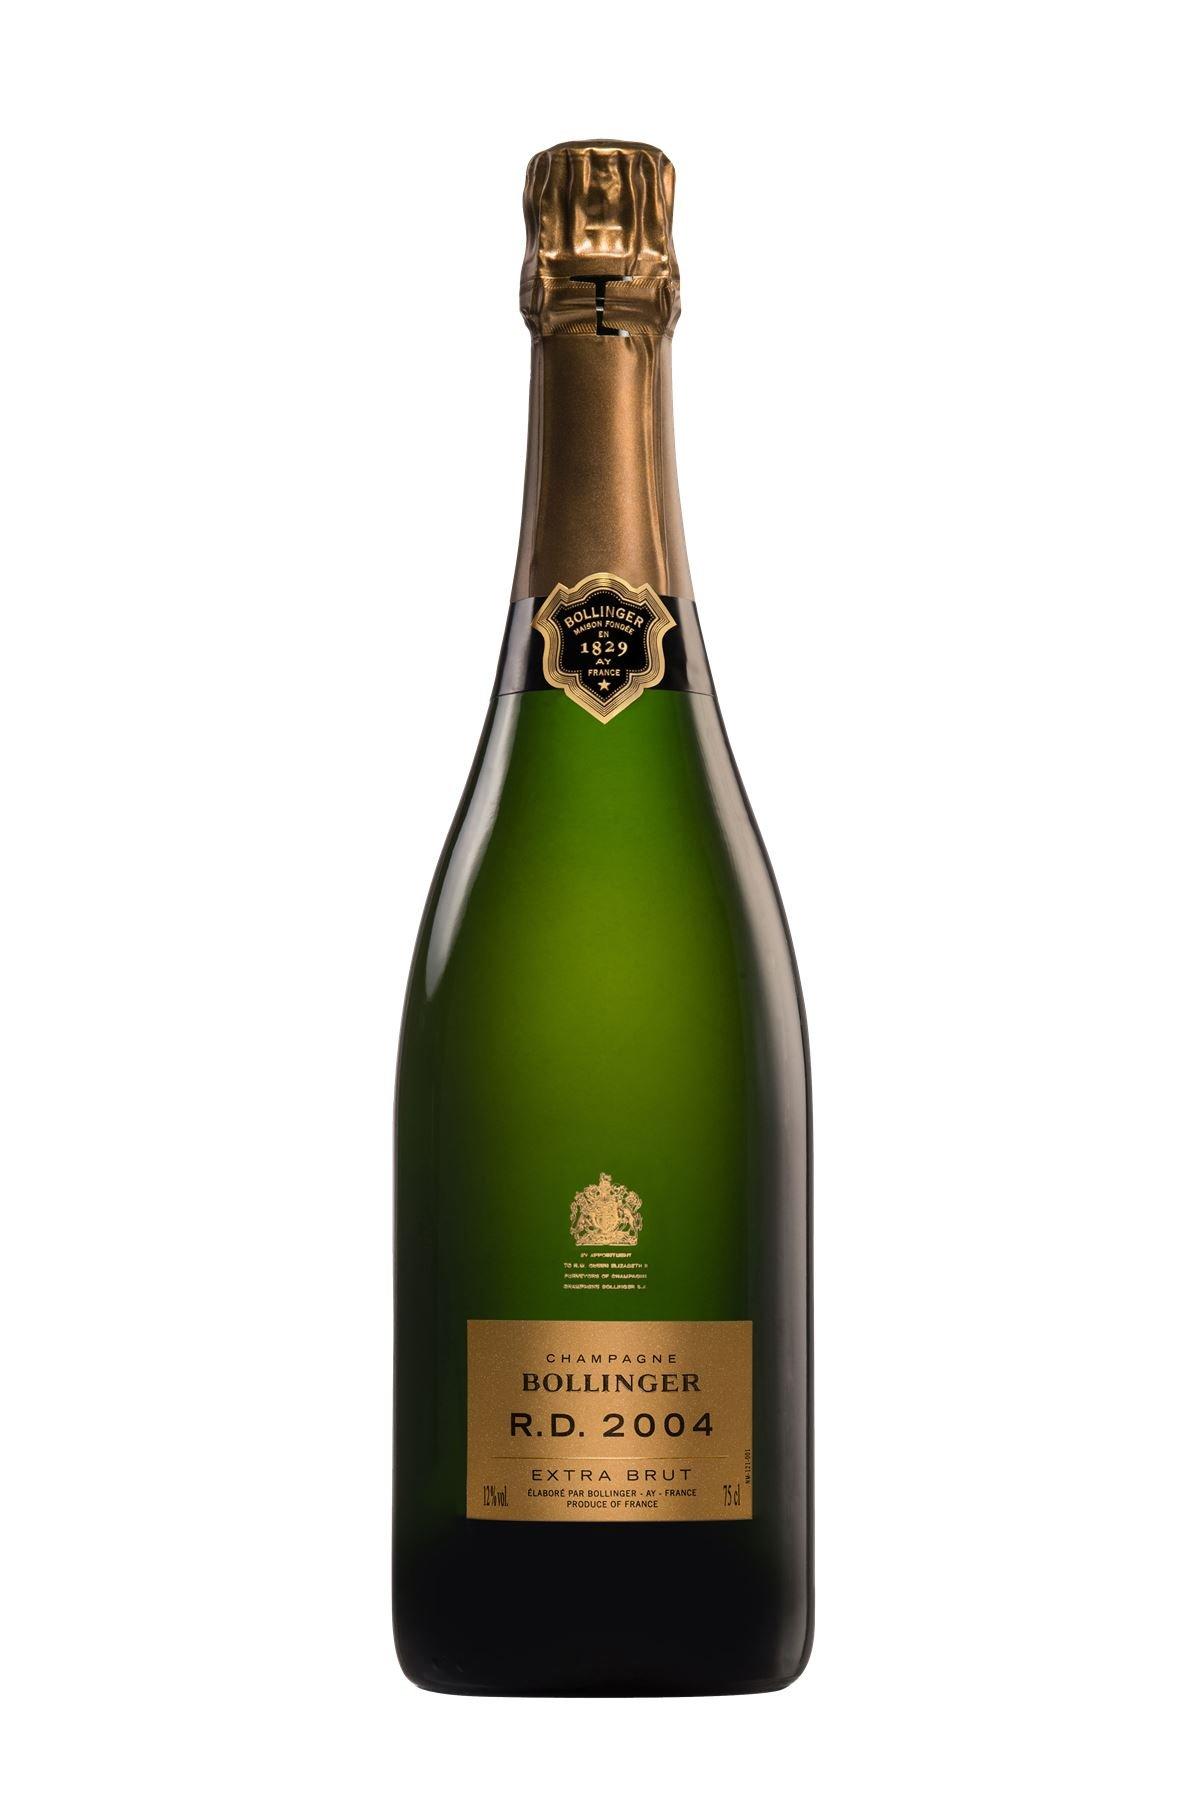 Bollinger RD Vintage 2004 Champagne 75cl